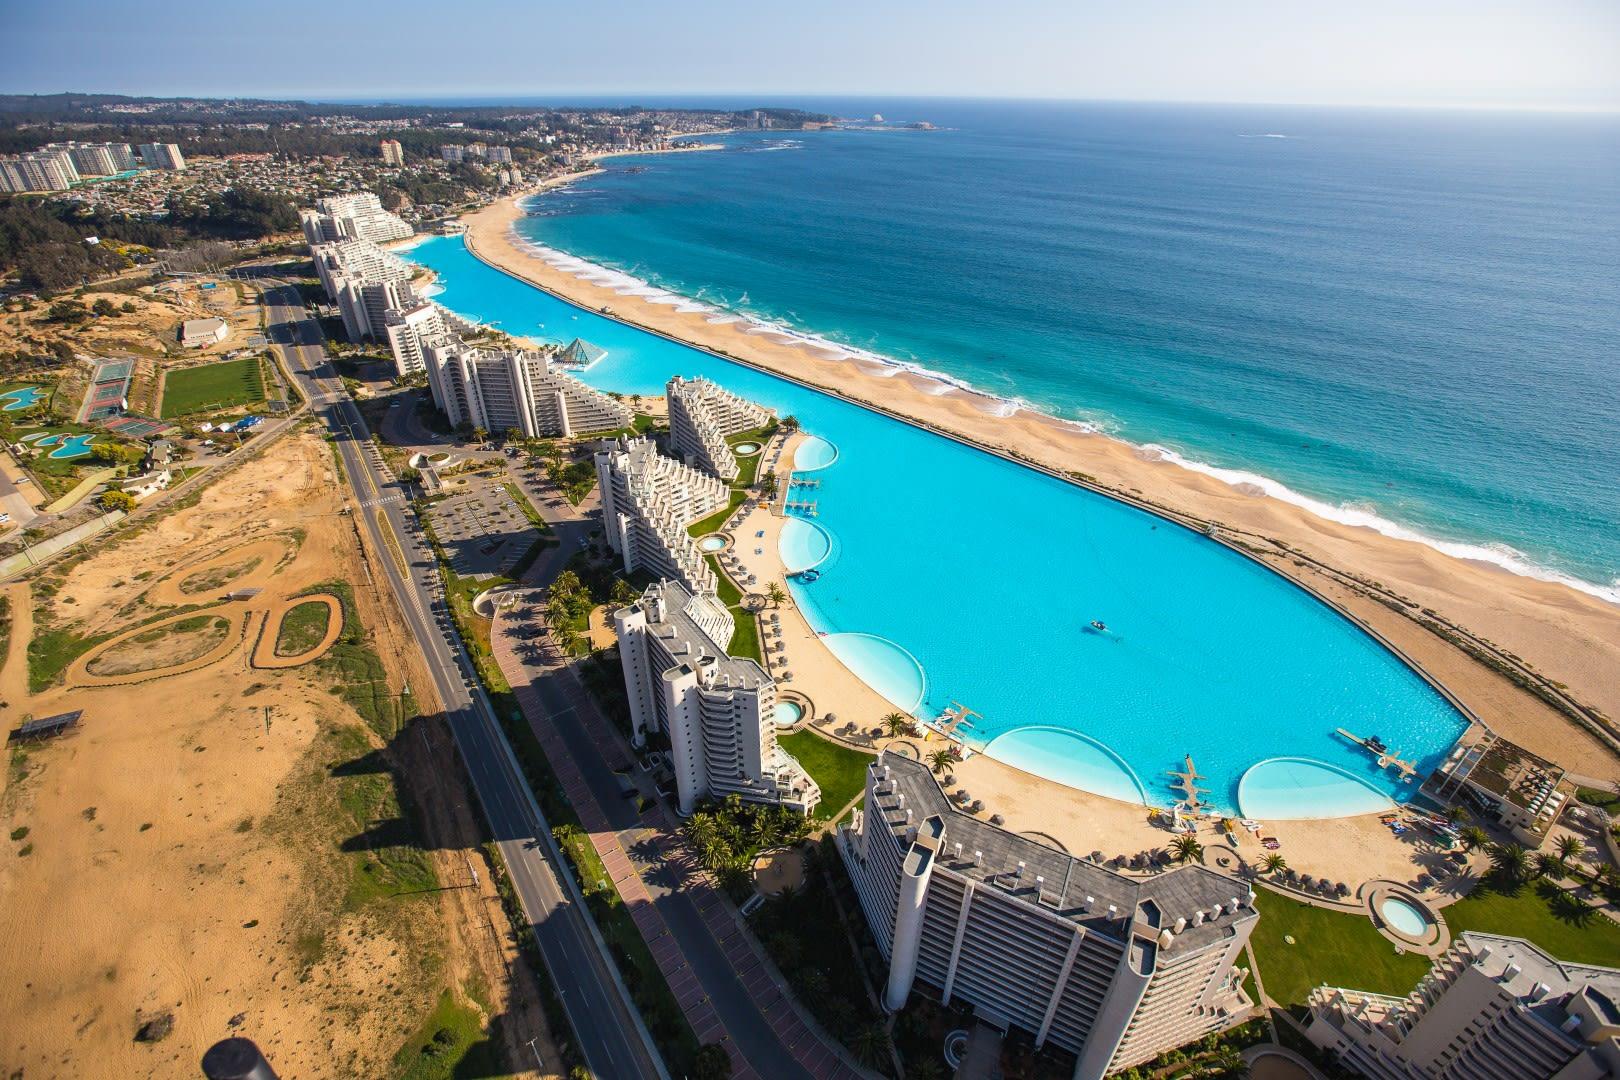 世 界 上 最 大 的 泳 池( 圖 片 來 源 : https://goo.gl/KSH1o3 )